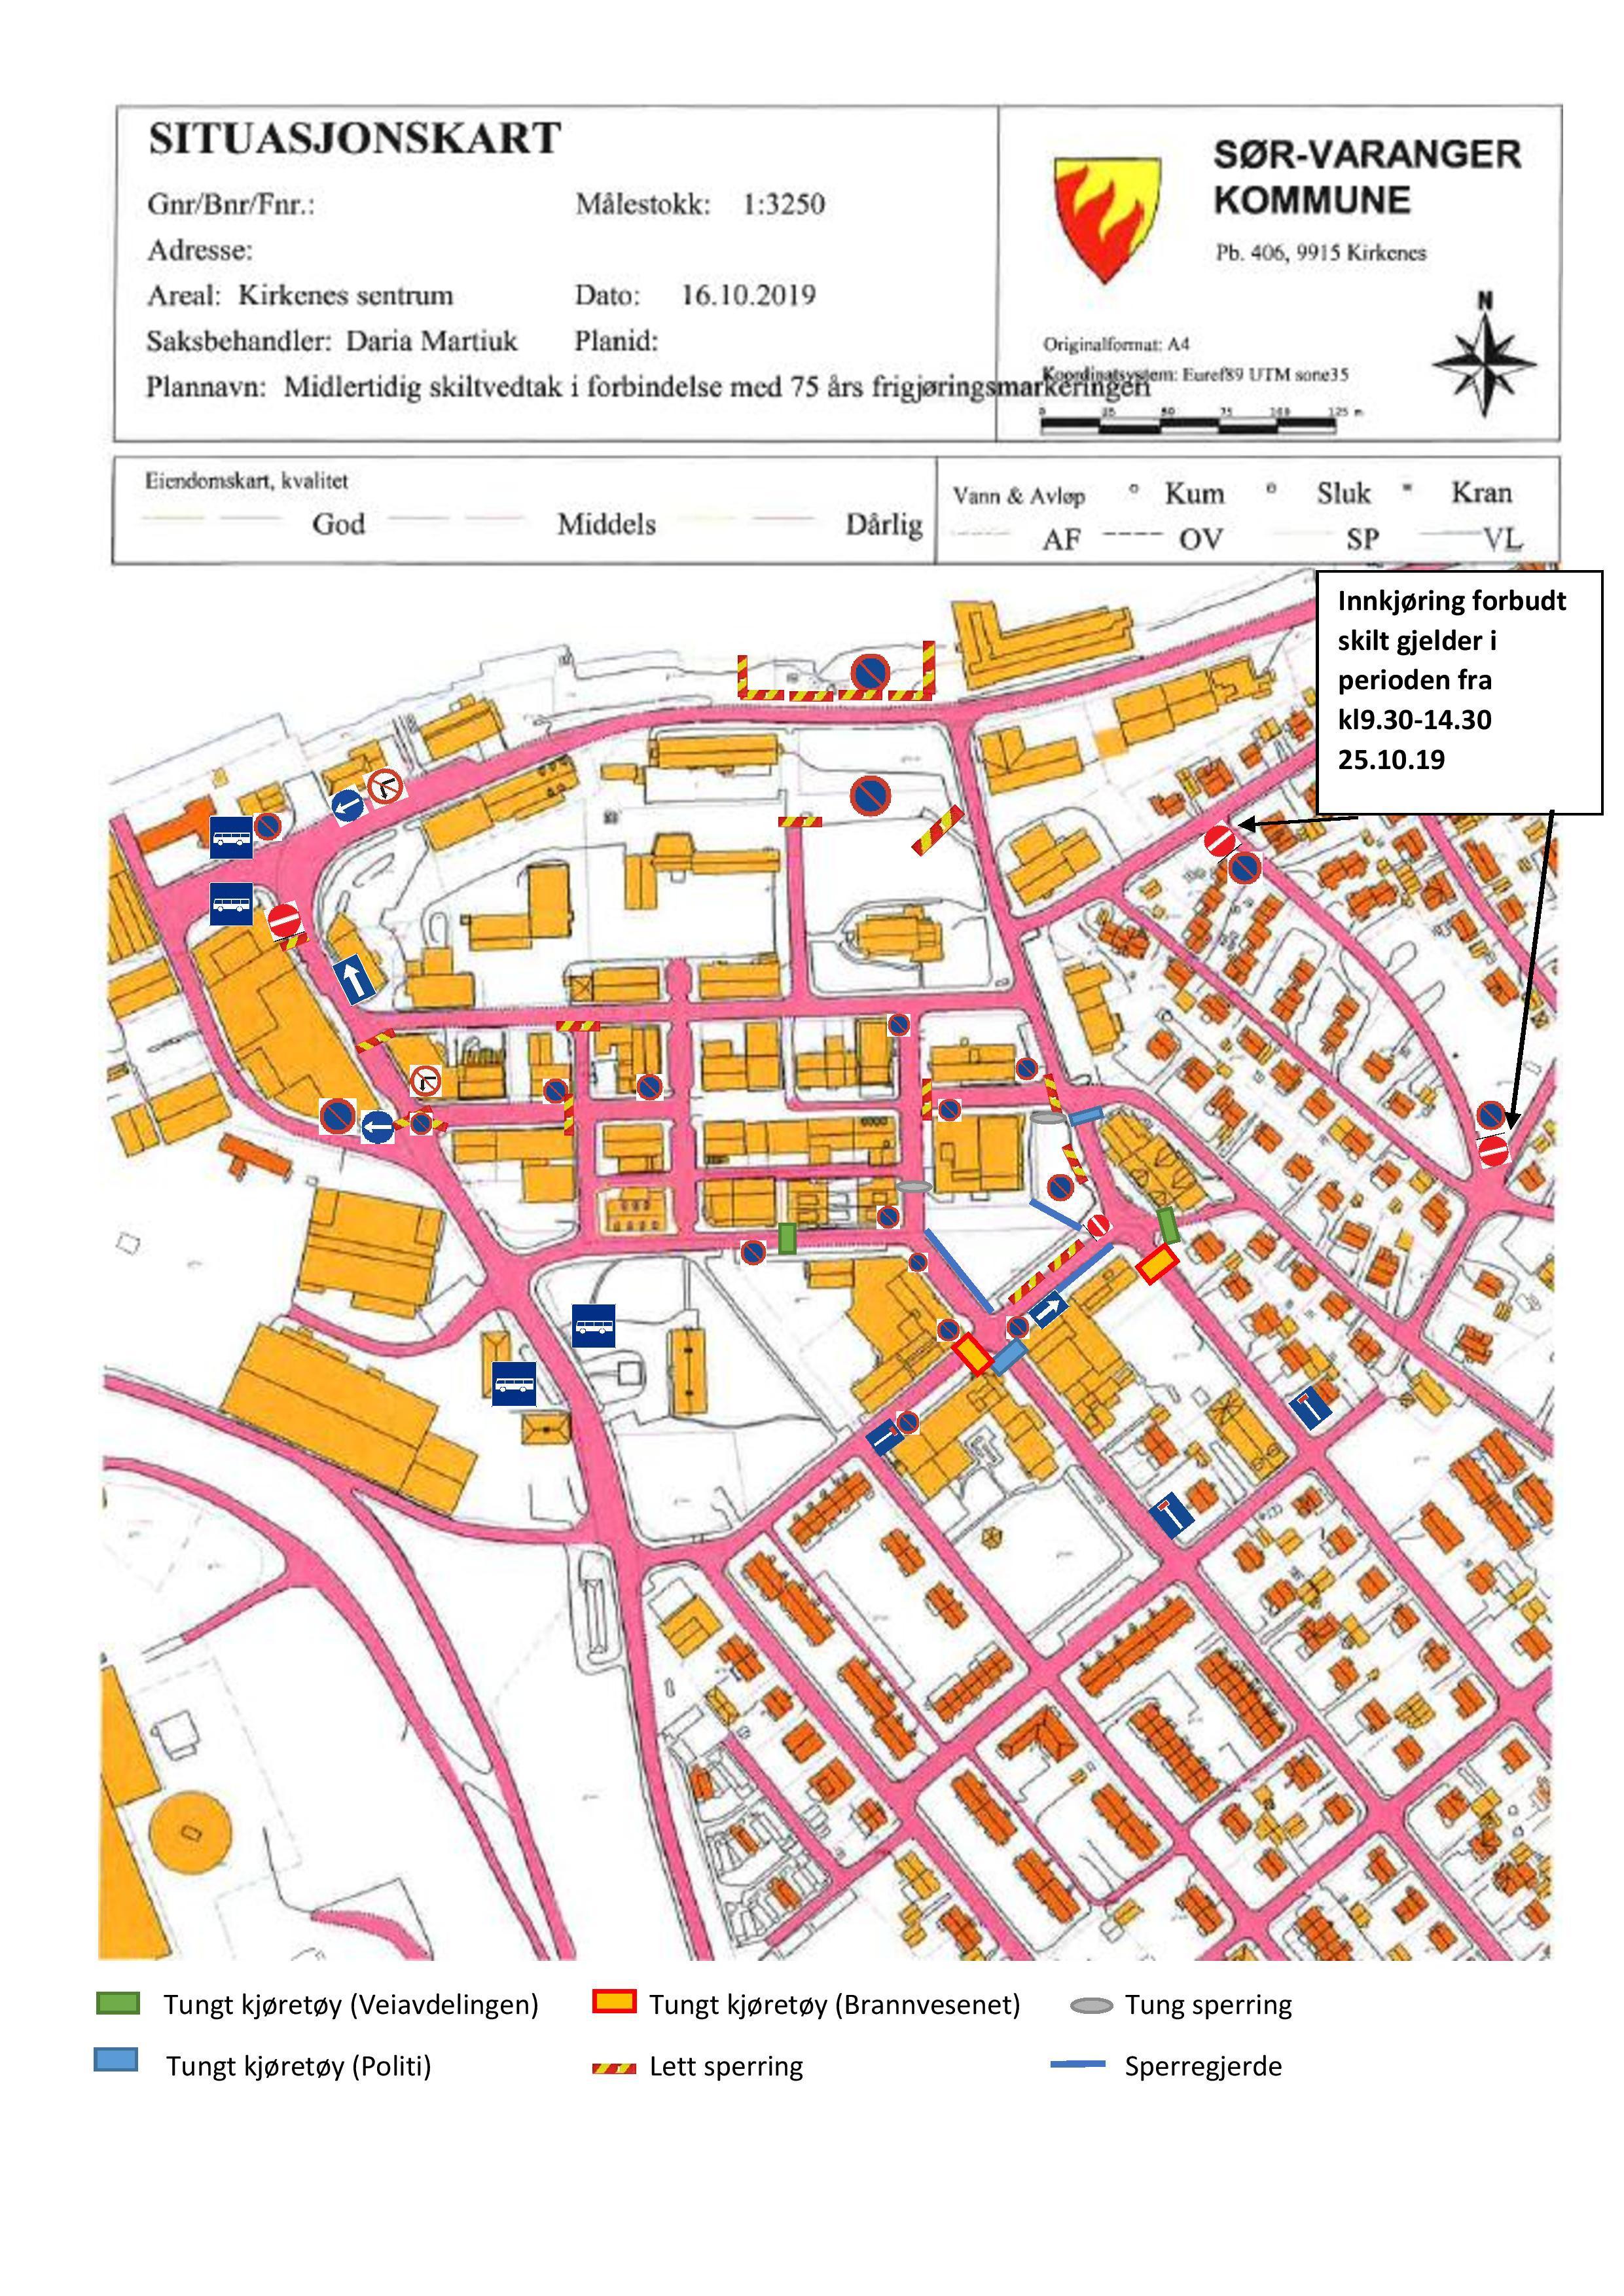 JPG Situasjonskart Veisperring 75 års Frigjøringmarkering-page-001.jpg